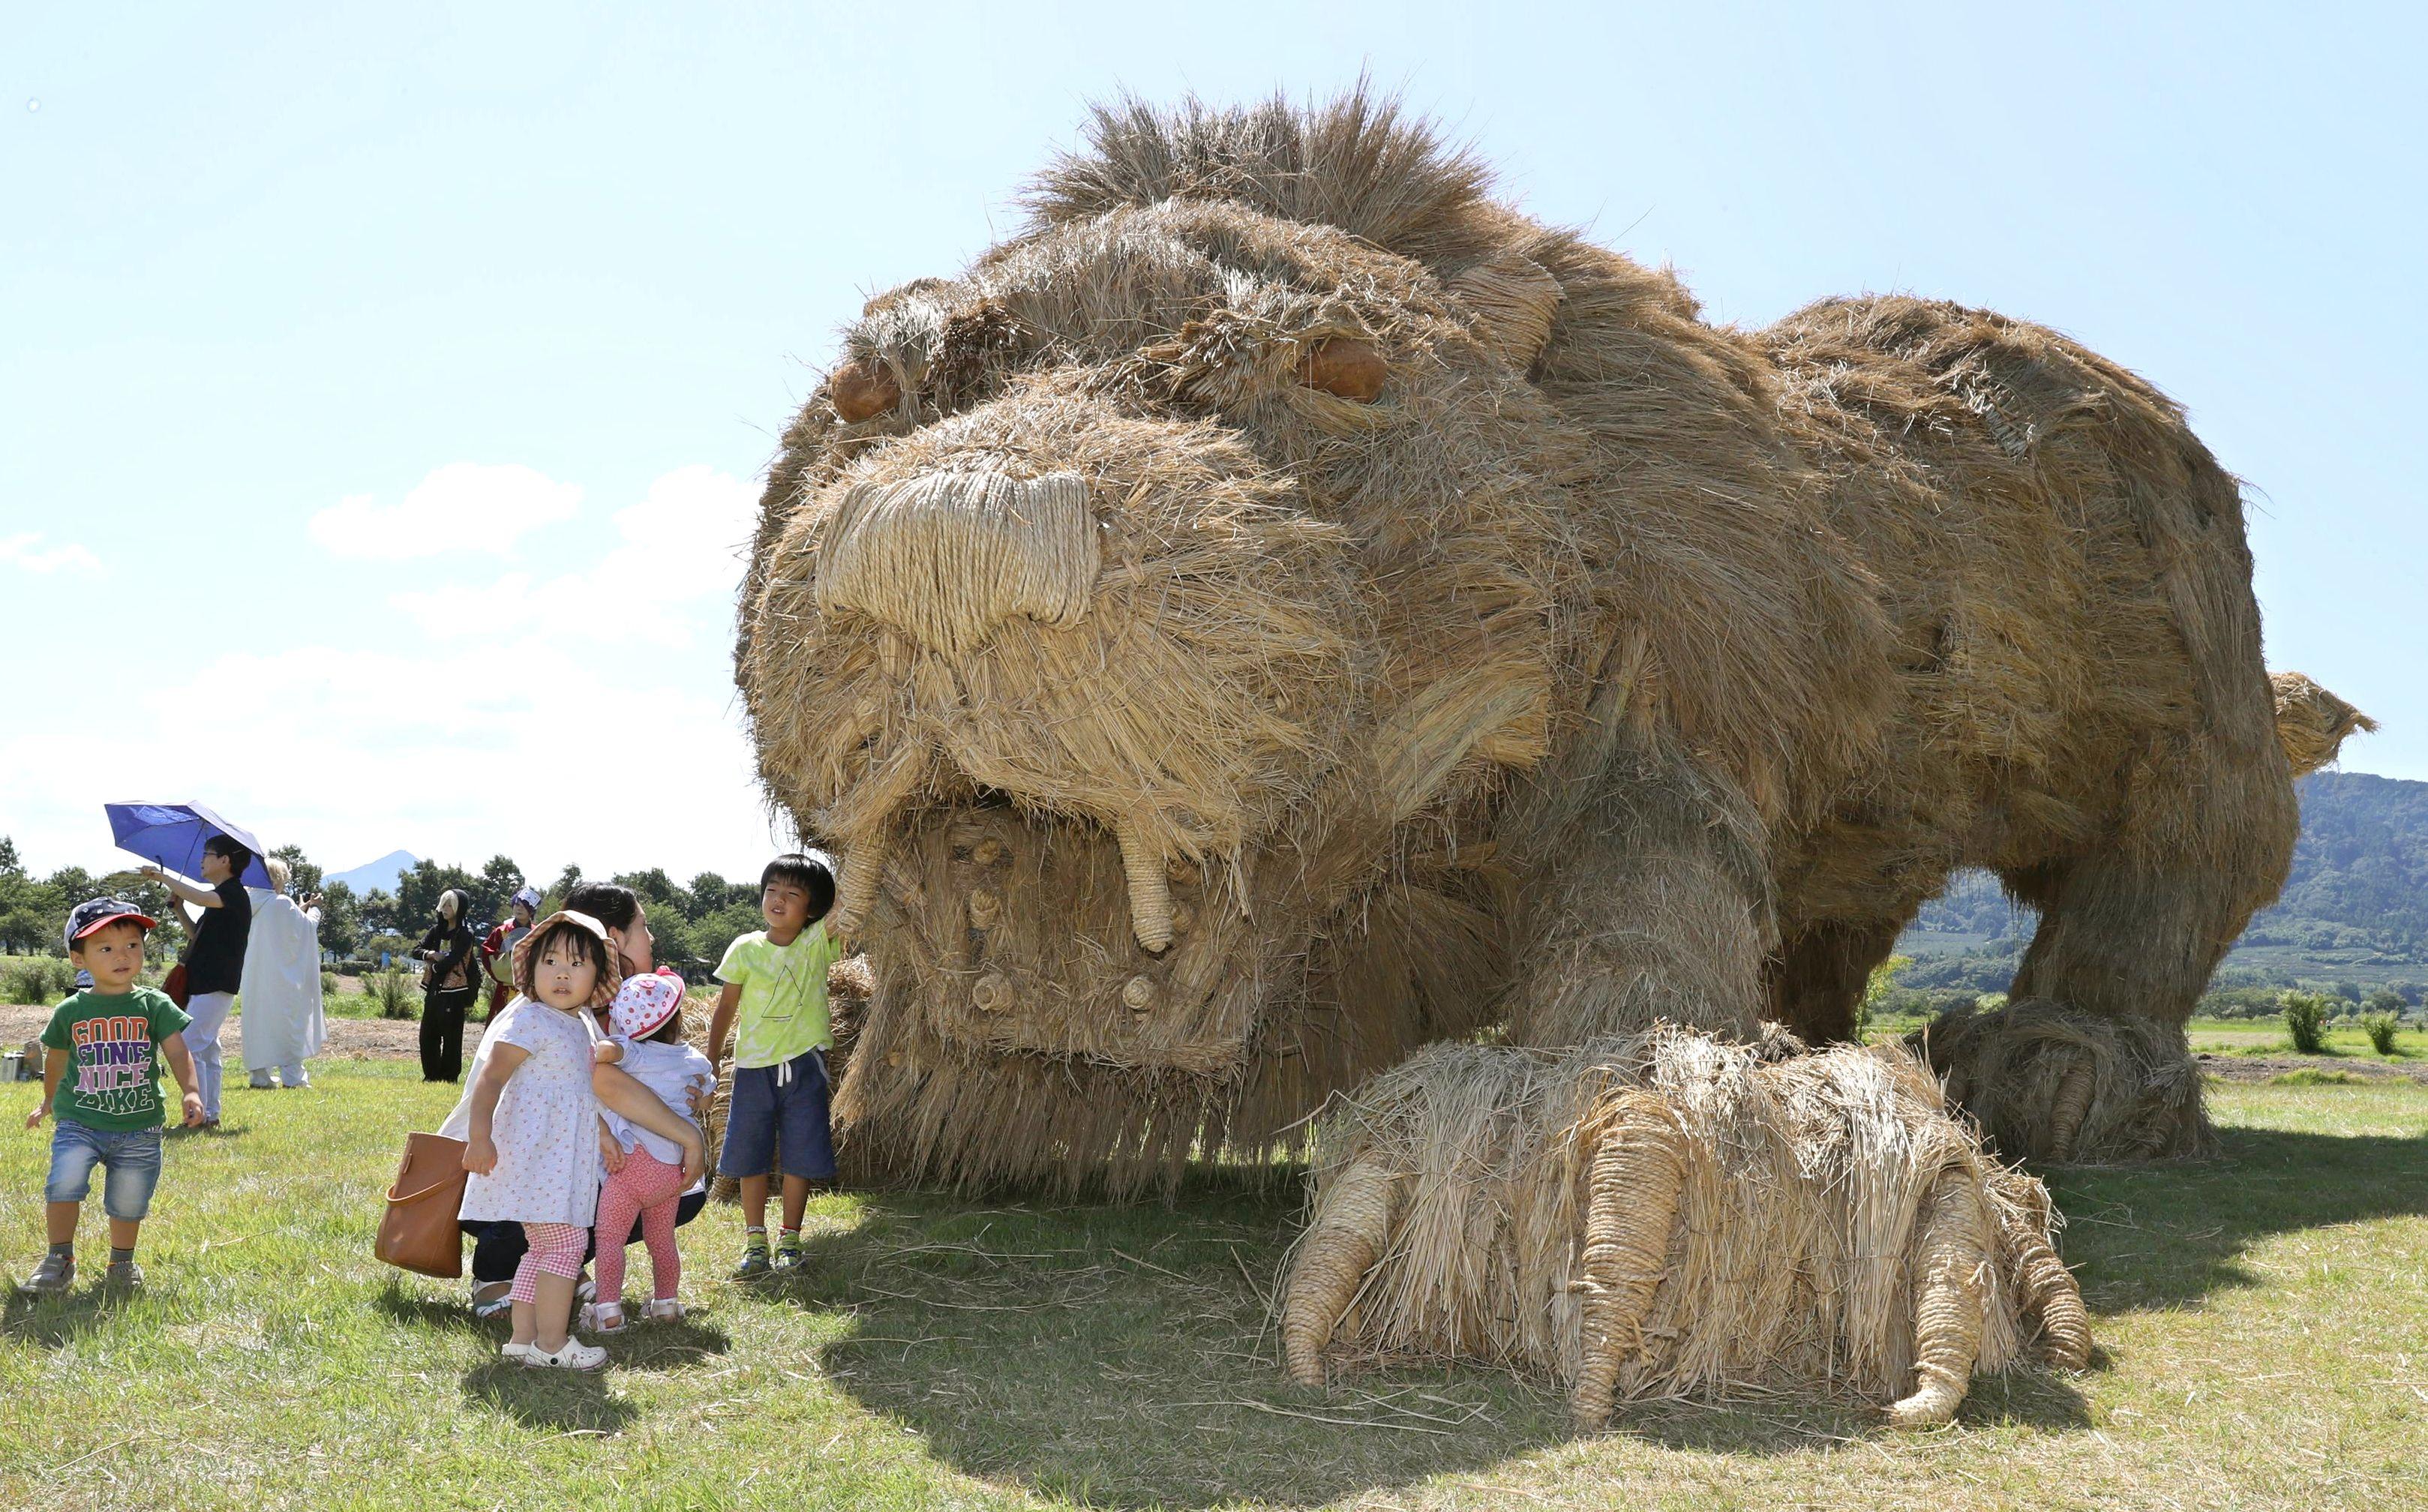 子どもたちが迫力に驚いた稲わらアートのライオン=2日、新潟市西蒲区の上堰潟公園